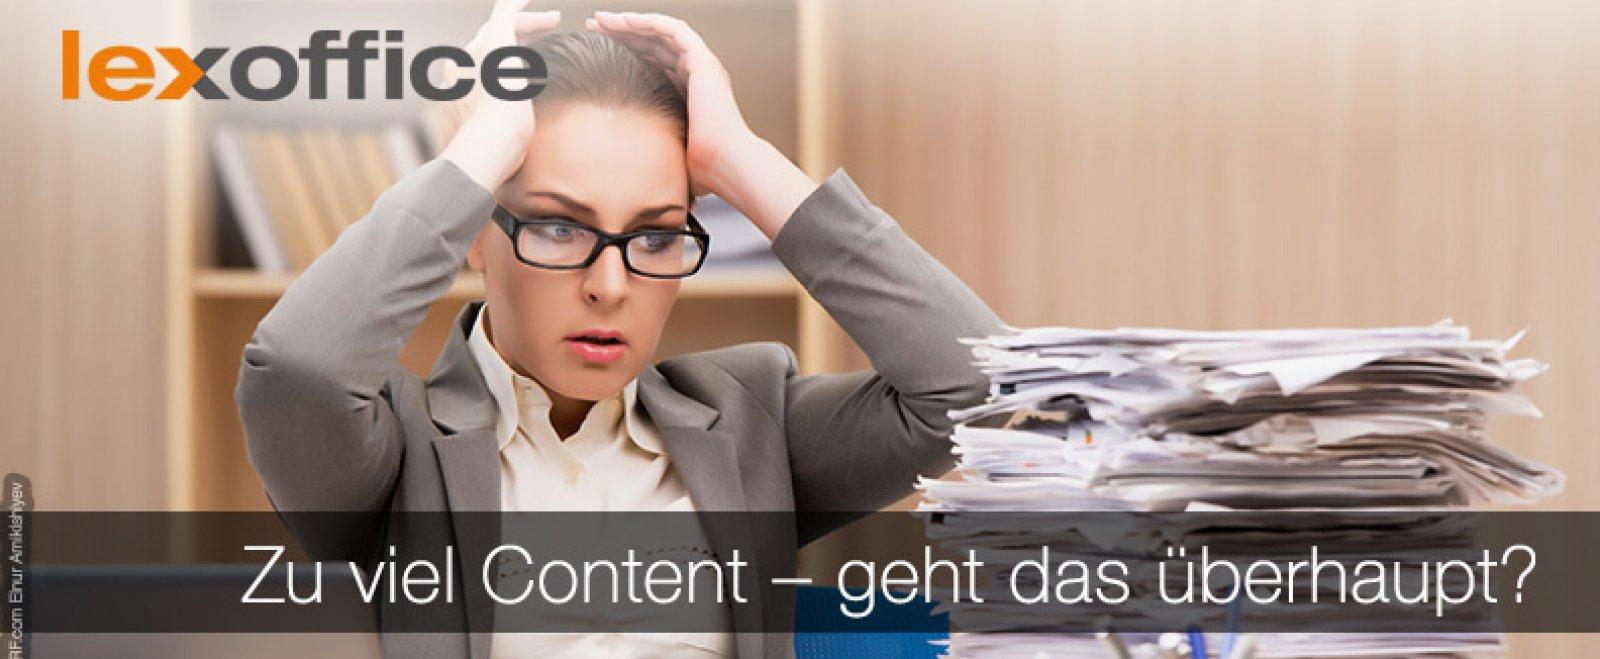 Zu viel Content - geht das überhaupt? Online-Marketing für Gründer